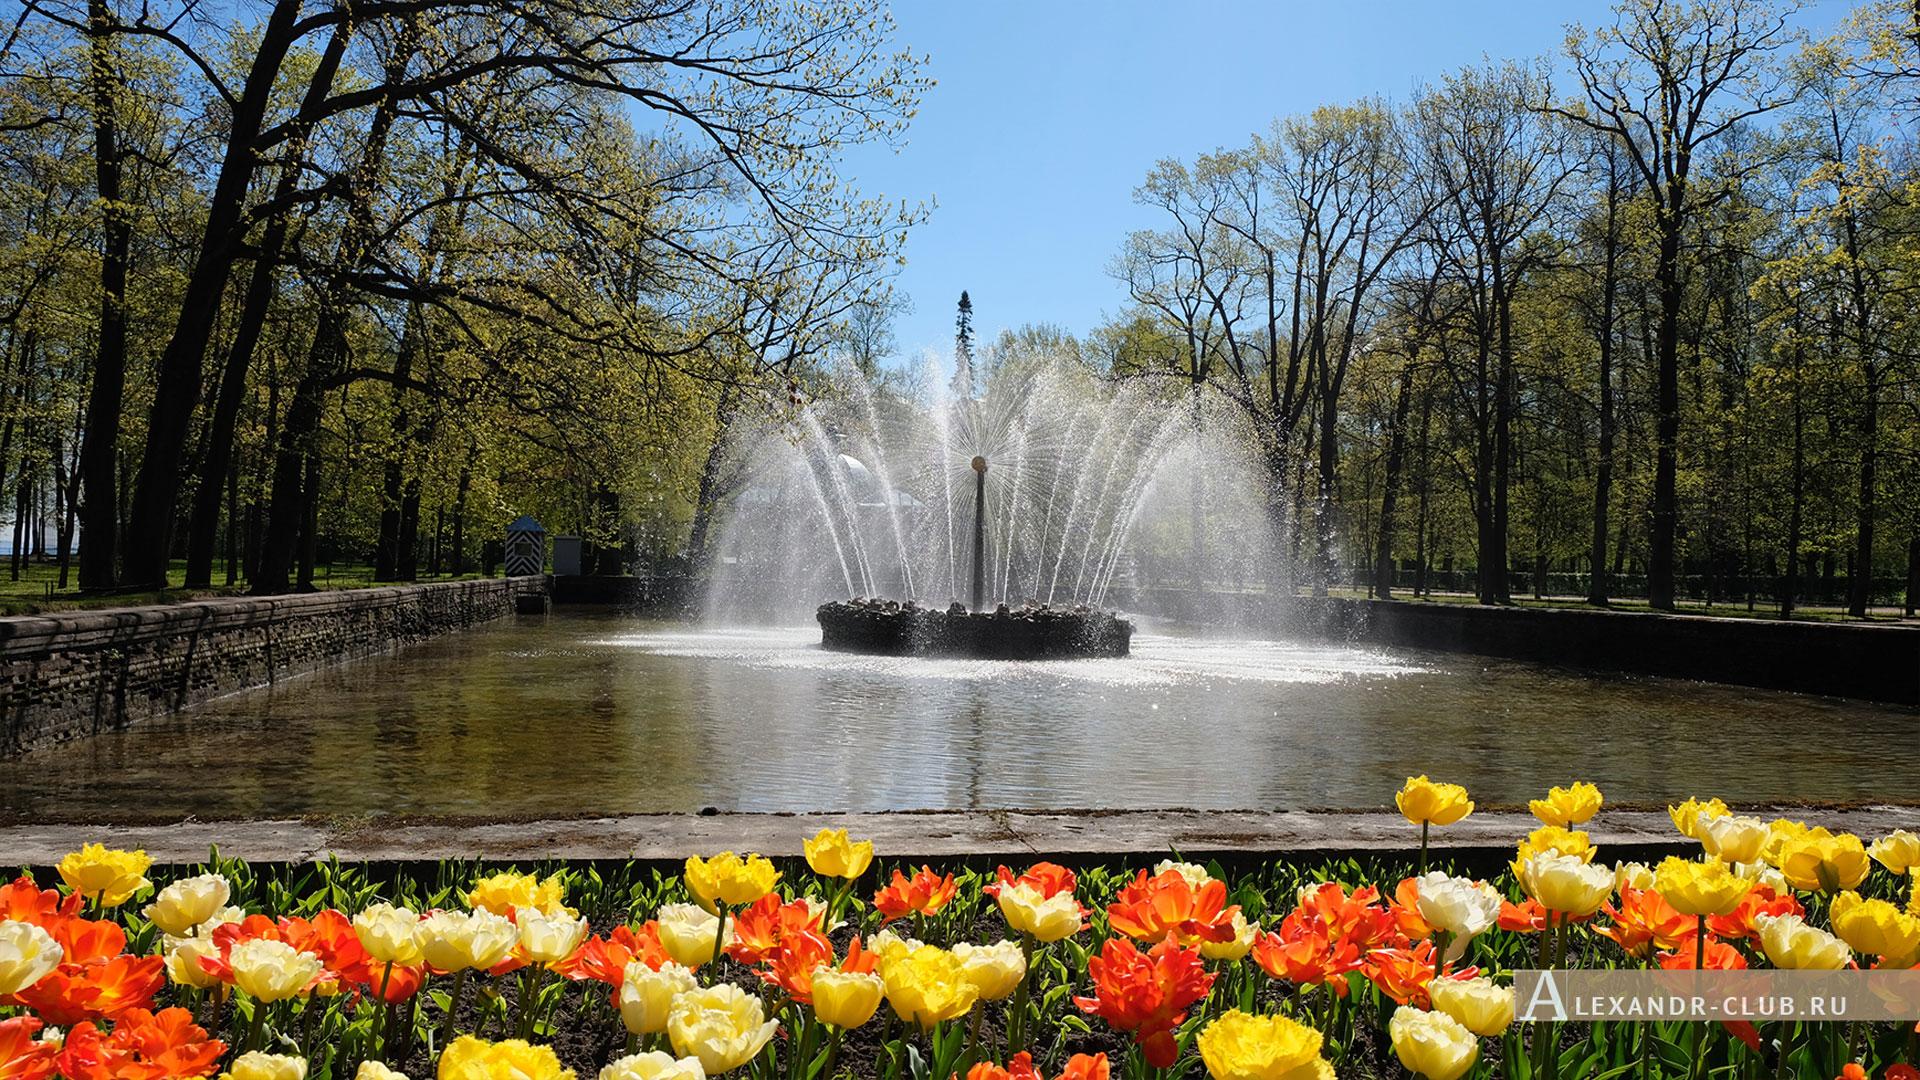 Петергоф, весна, Нижний парк, фонтан «Солнце»